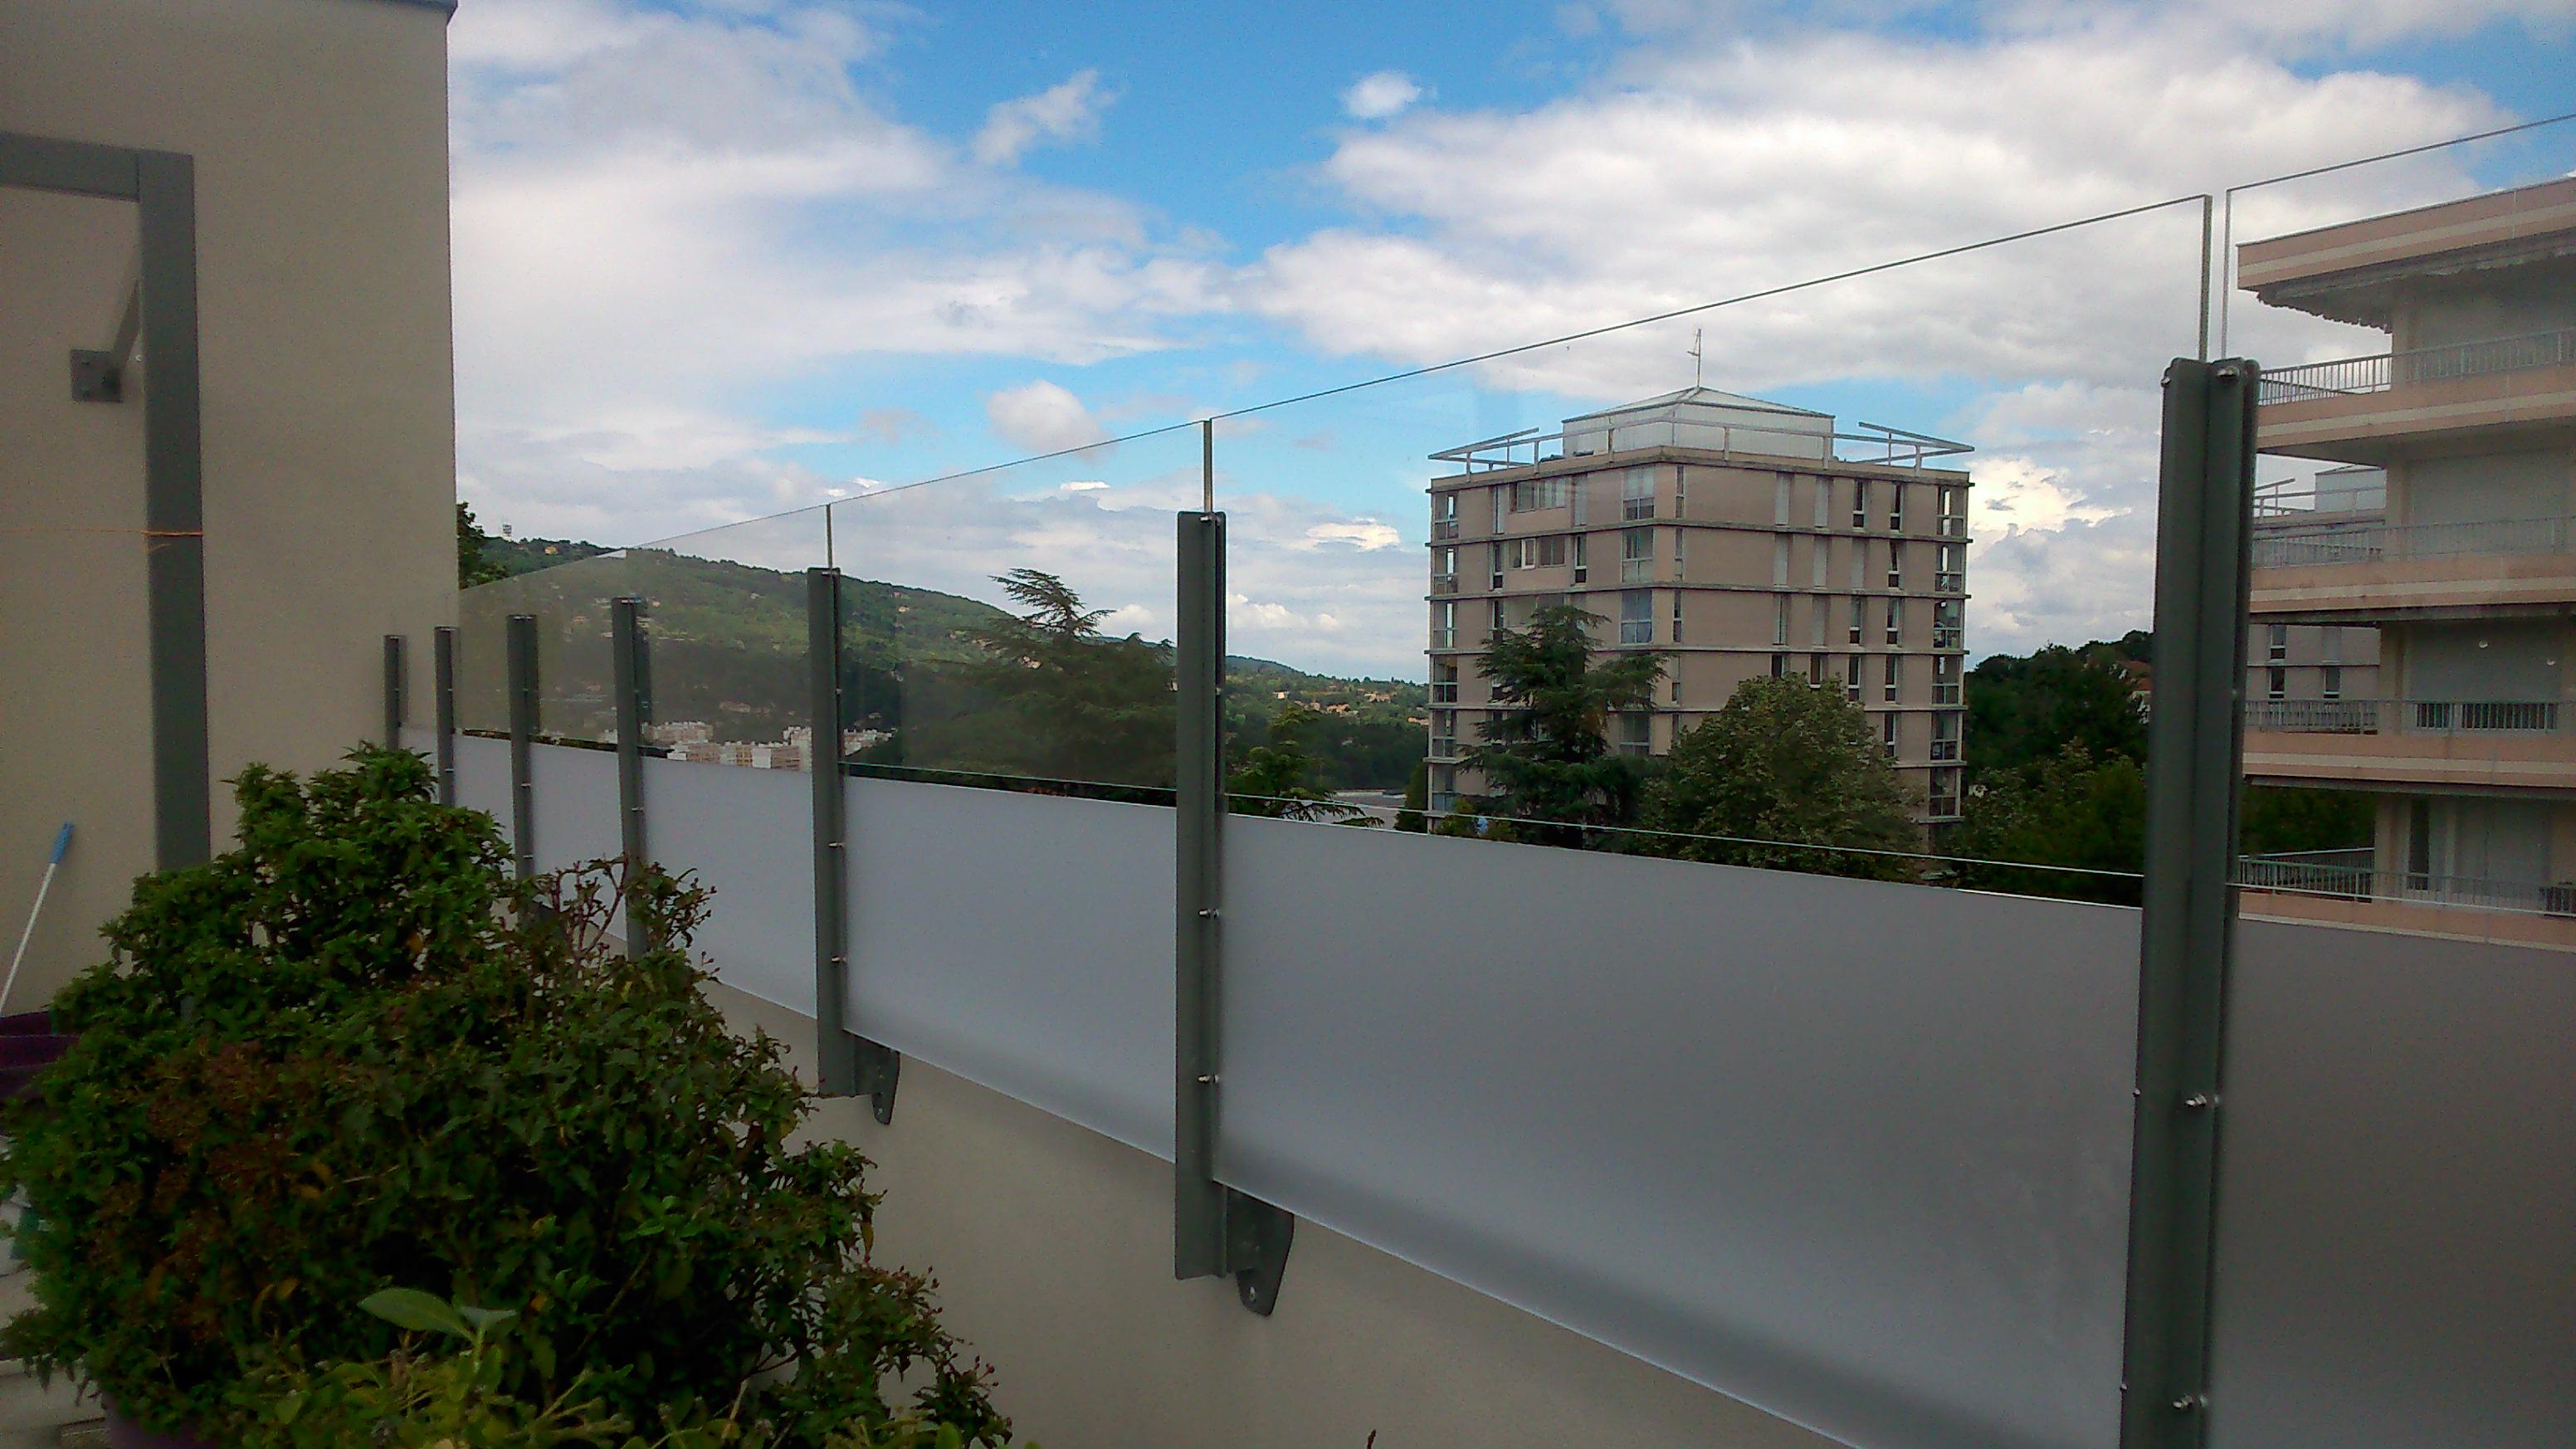 Panneaux brise-vent et brise-vue sur terrasse d'immeuble